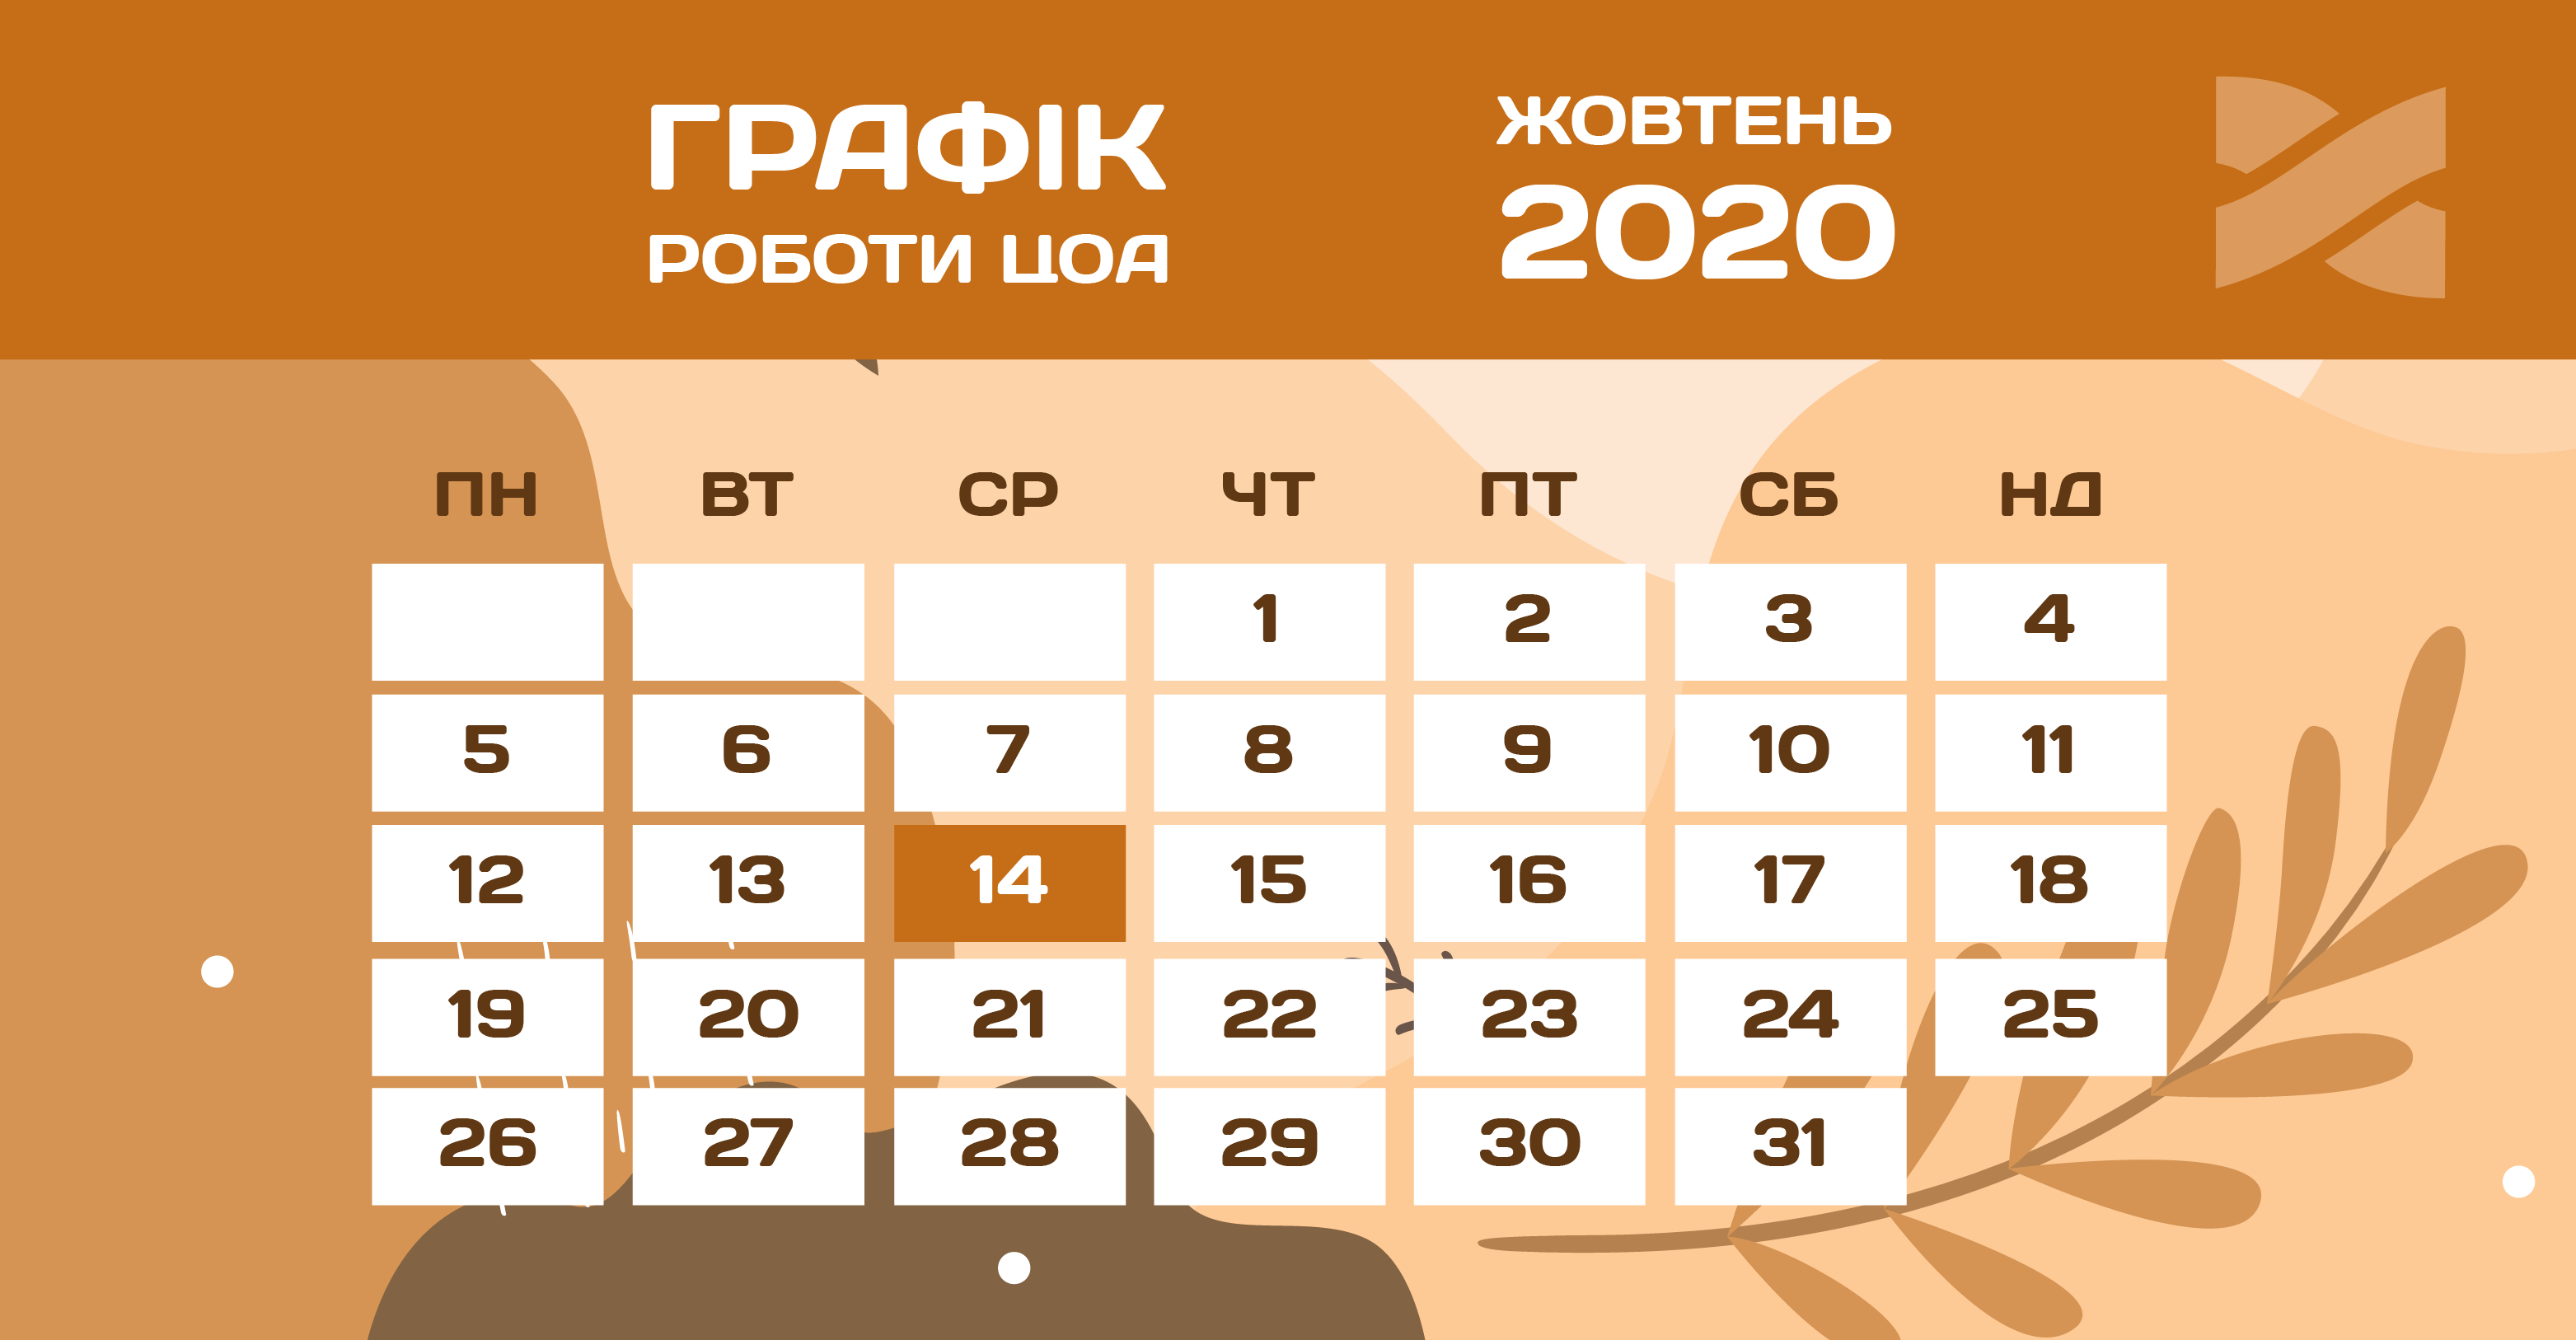 Графік роботи ЦОА у жовтні 2020 року